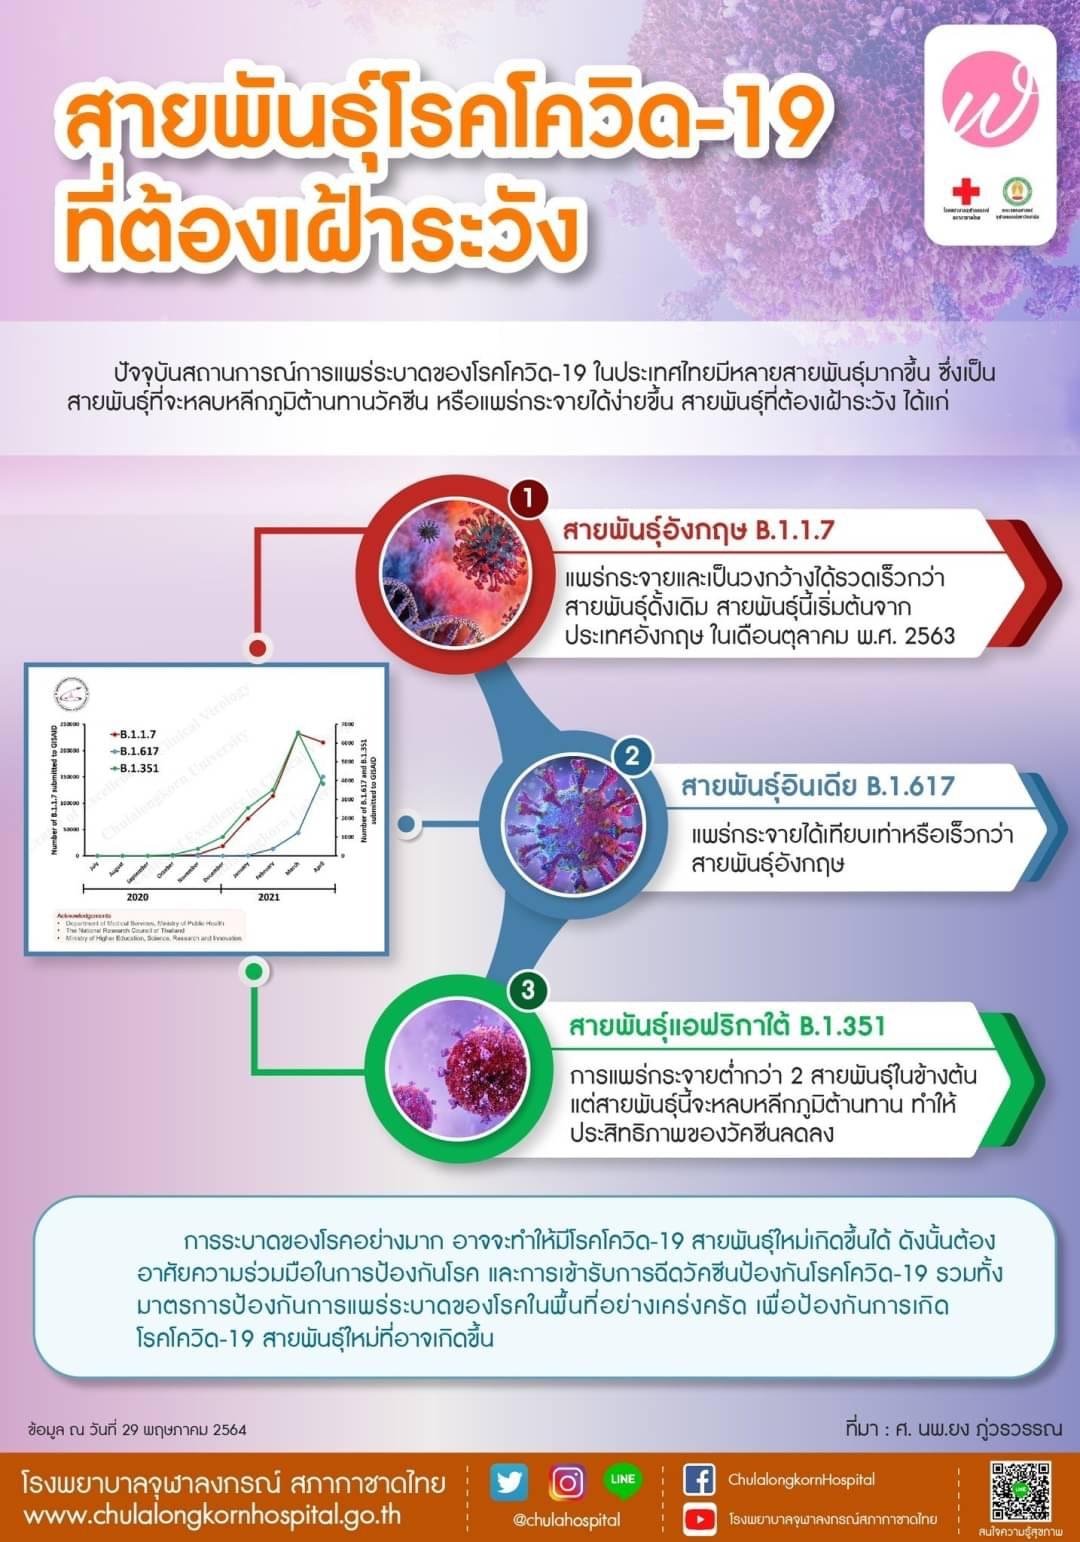 สายพันธุ์โรคโควิด-19 ที่ต้องเฝ้าระวัง